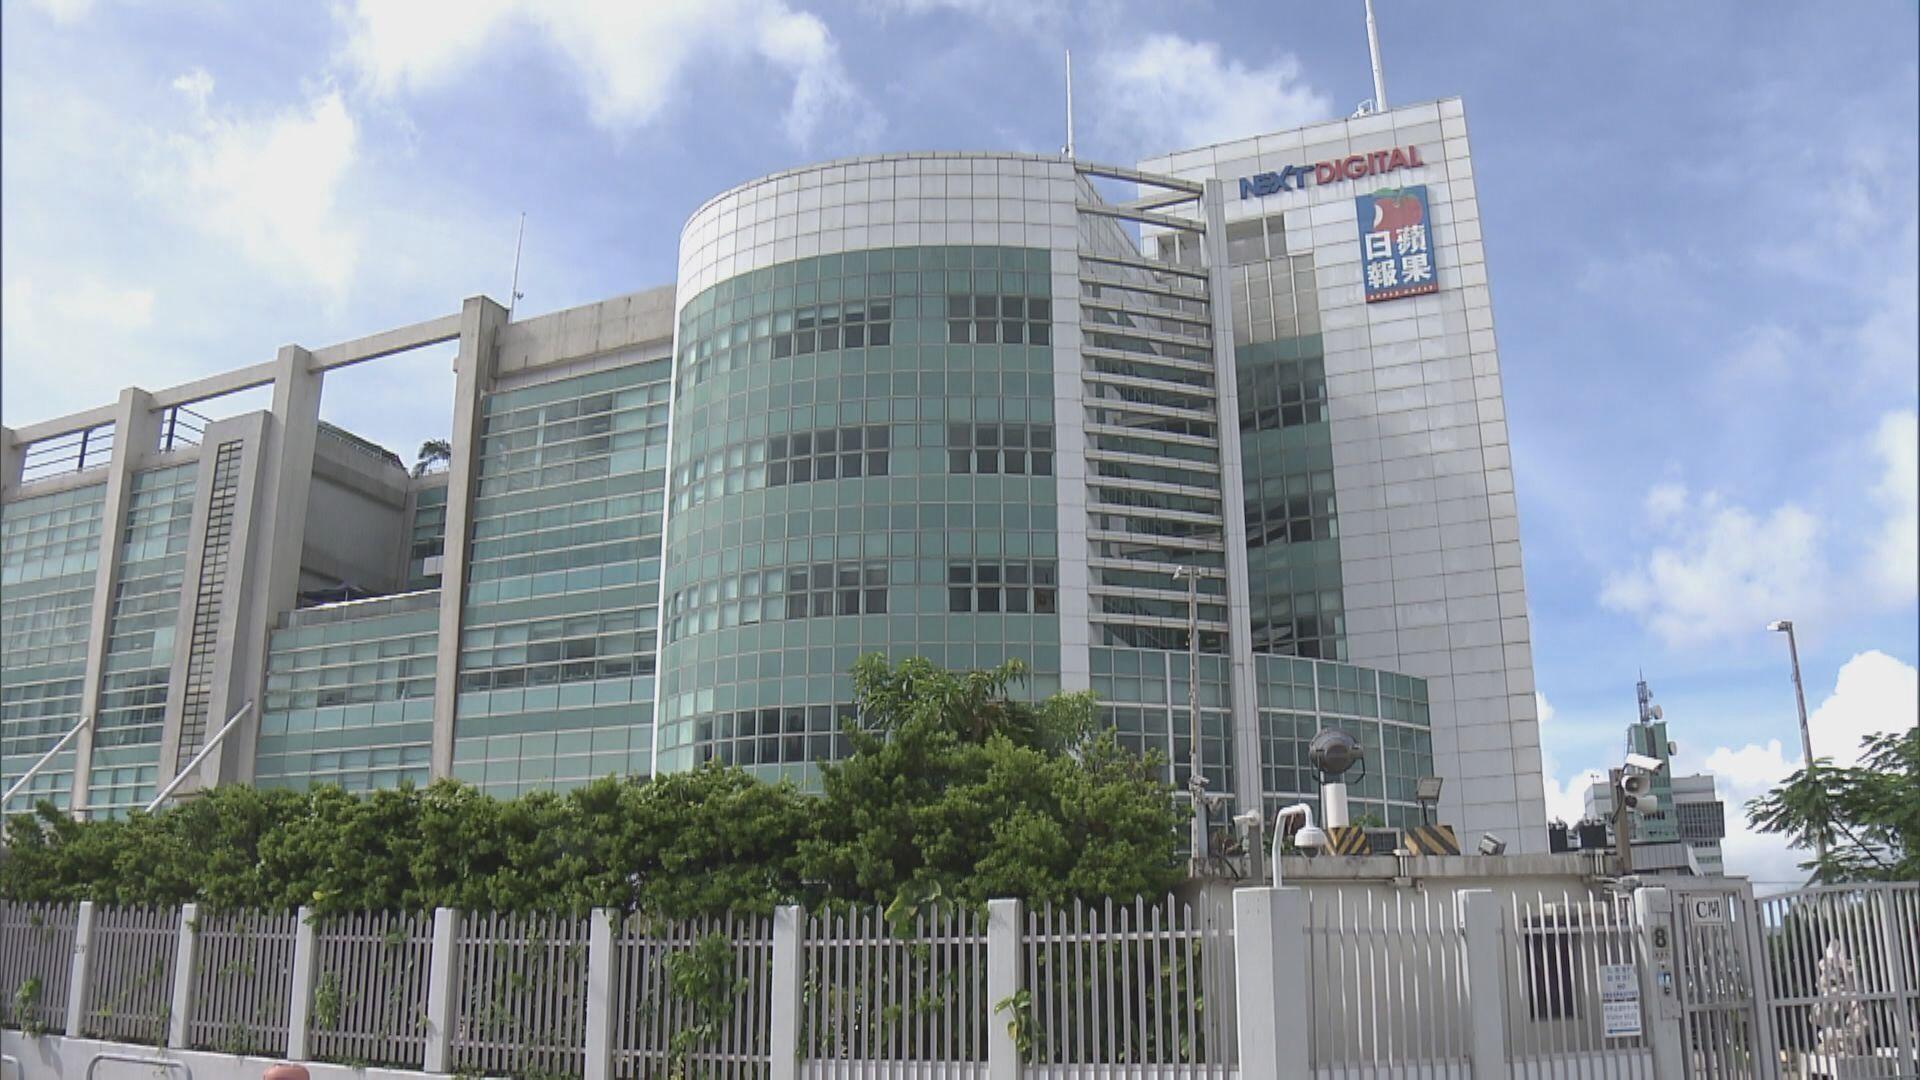 消息:警拘15人涉操控壹傳媒股價包括串謀詐騙洗黑錢